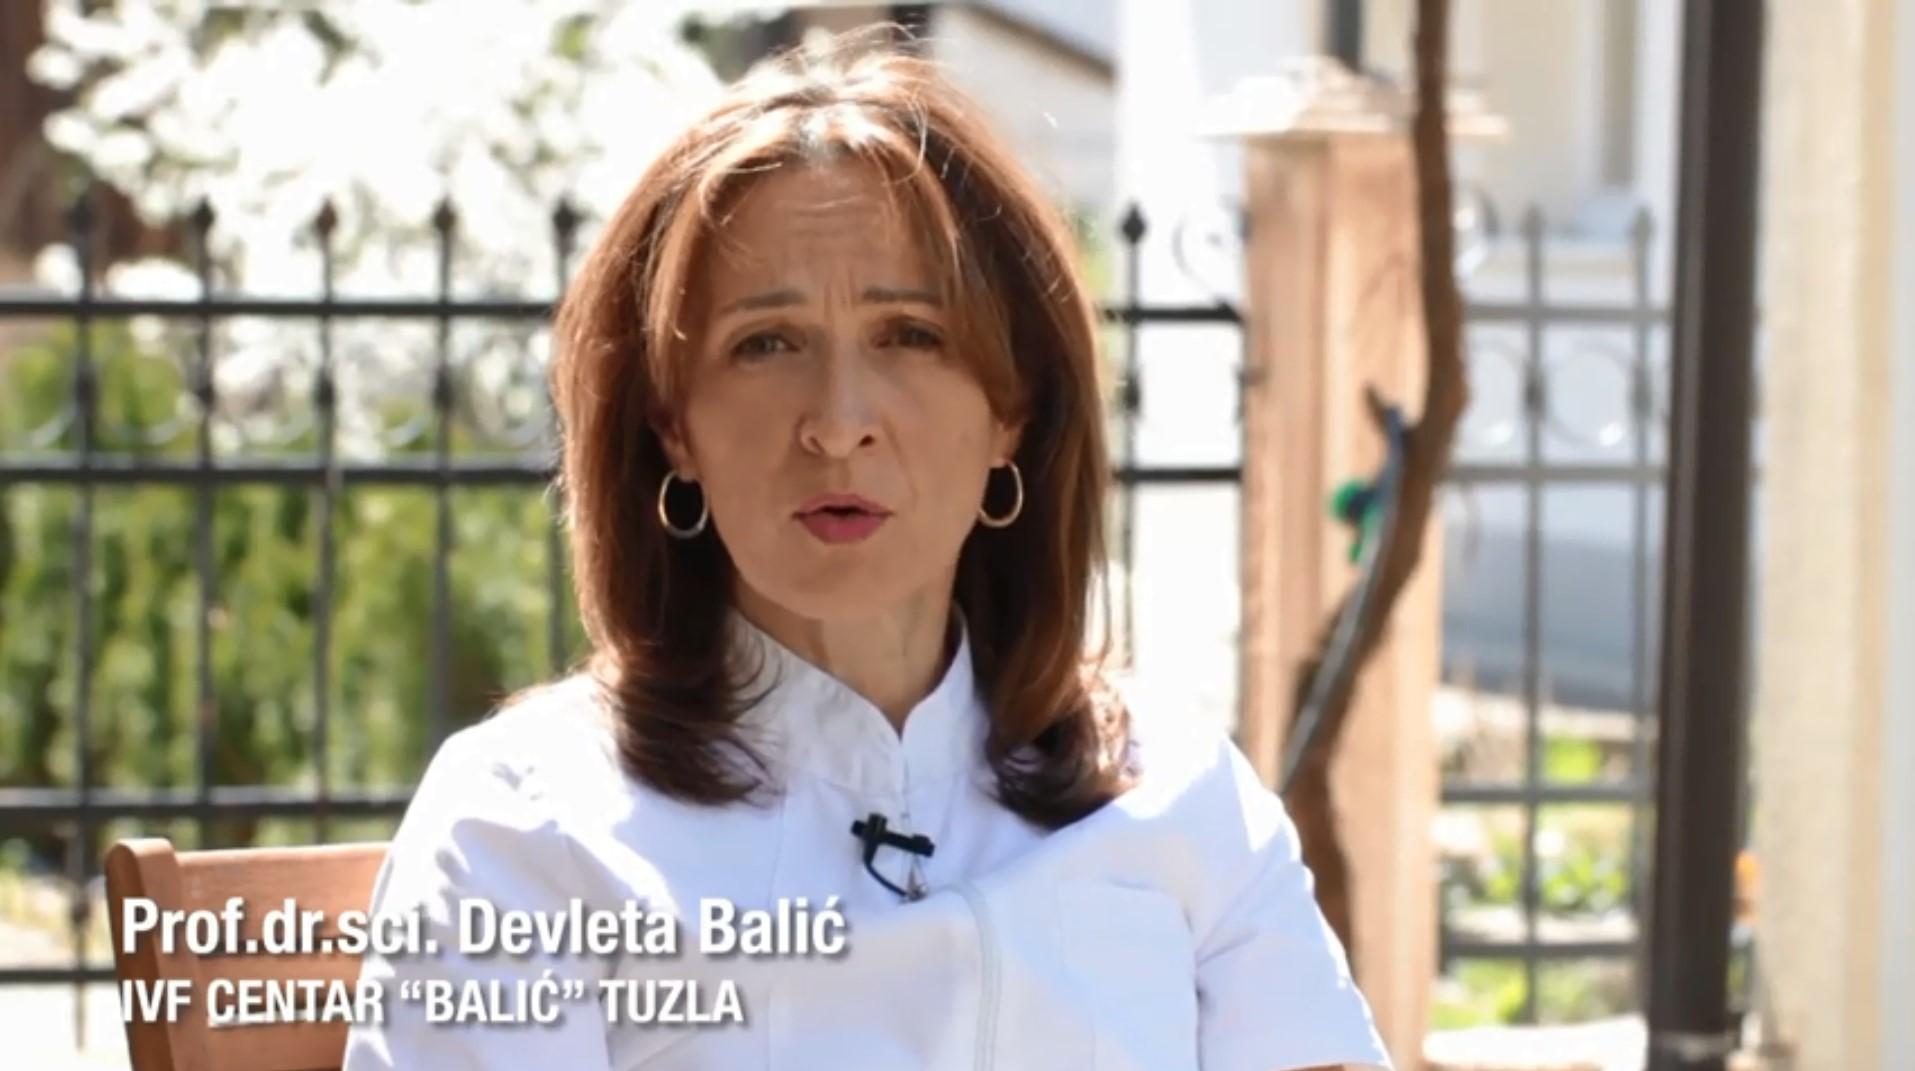 Liječenje neplodnosti tokom pandemije korona virusa – Prof. dr. sci Devleta Balić